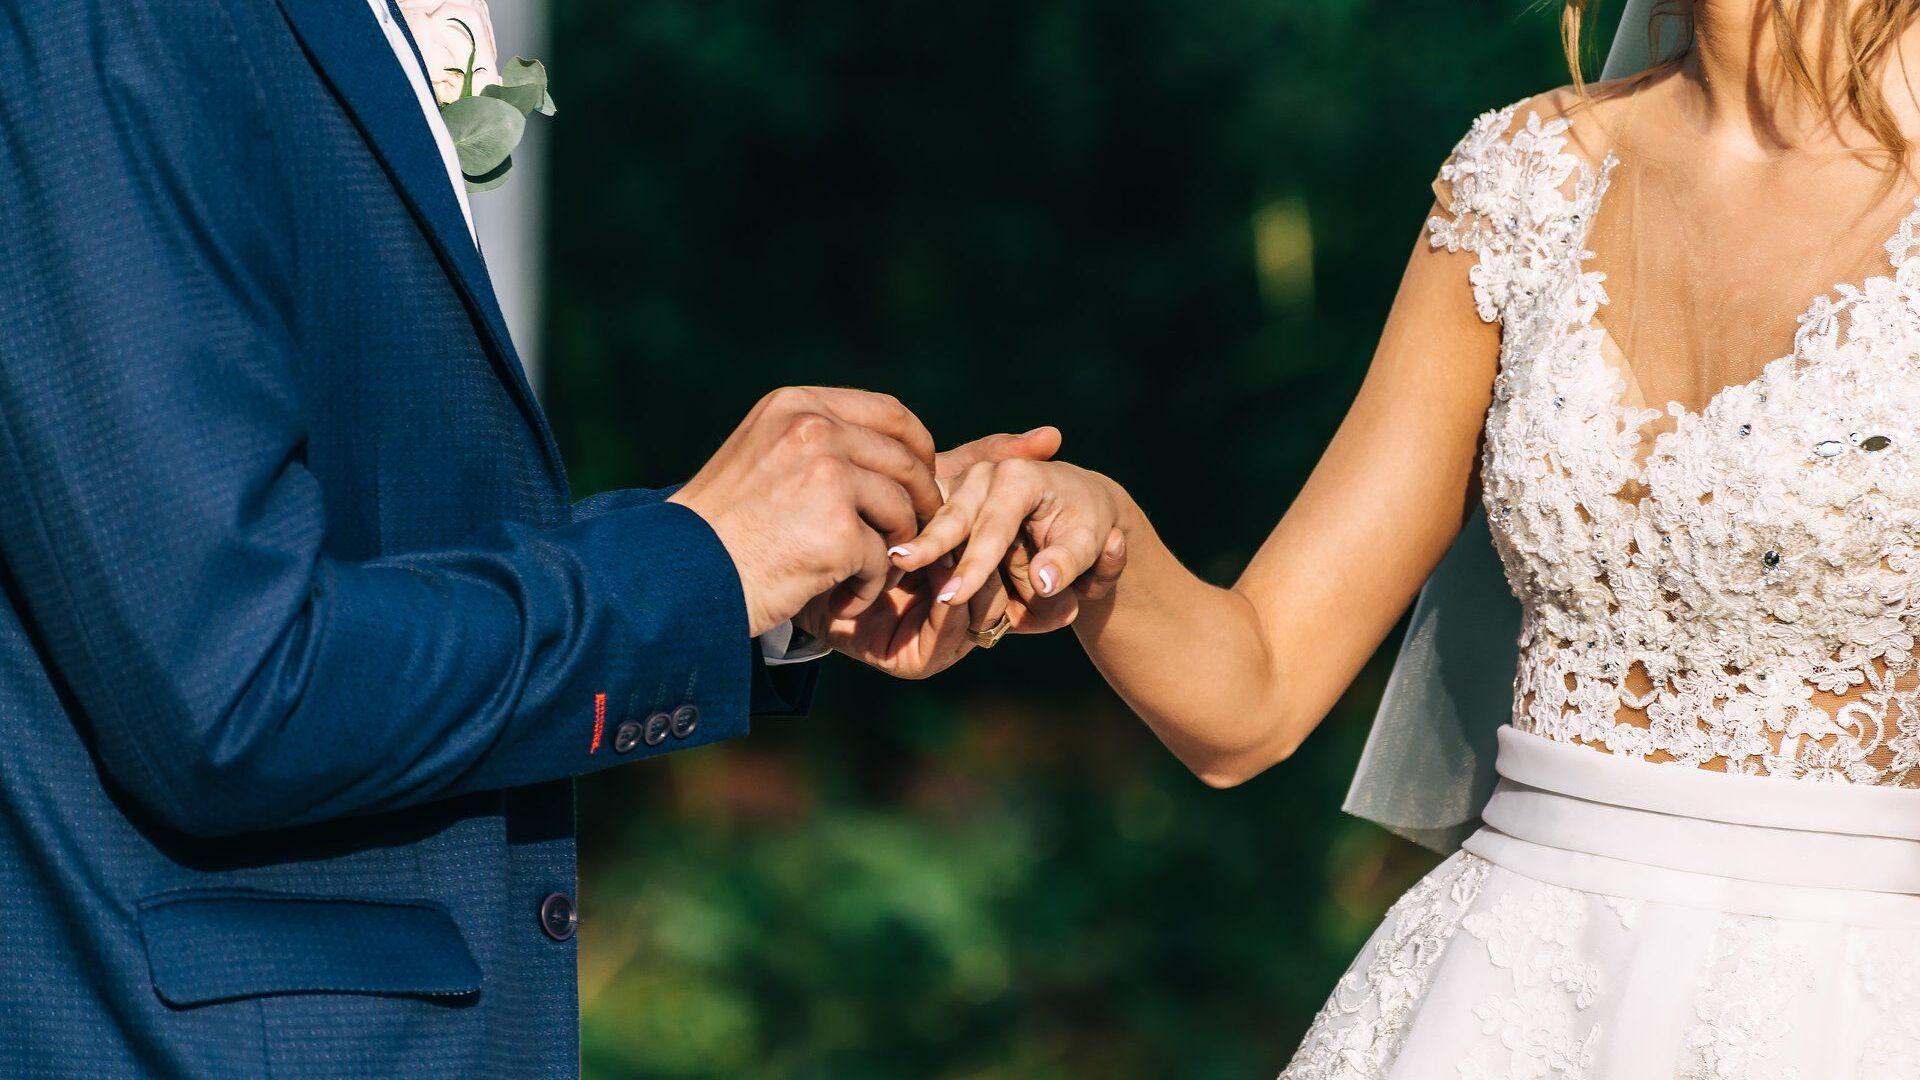 Жених и невеста во время свадебной церемонии. Невесте одевают на палец обручальное кольцо - Sputnik Грузия, 1920, 02.10.2021